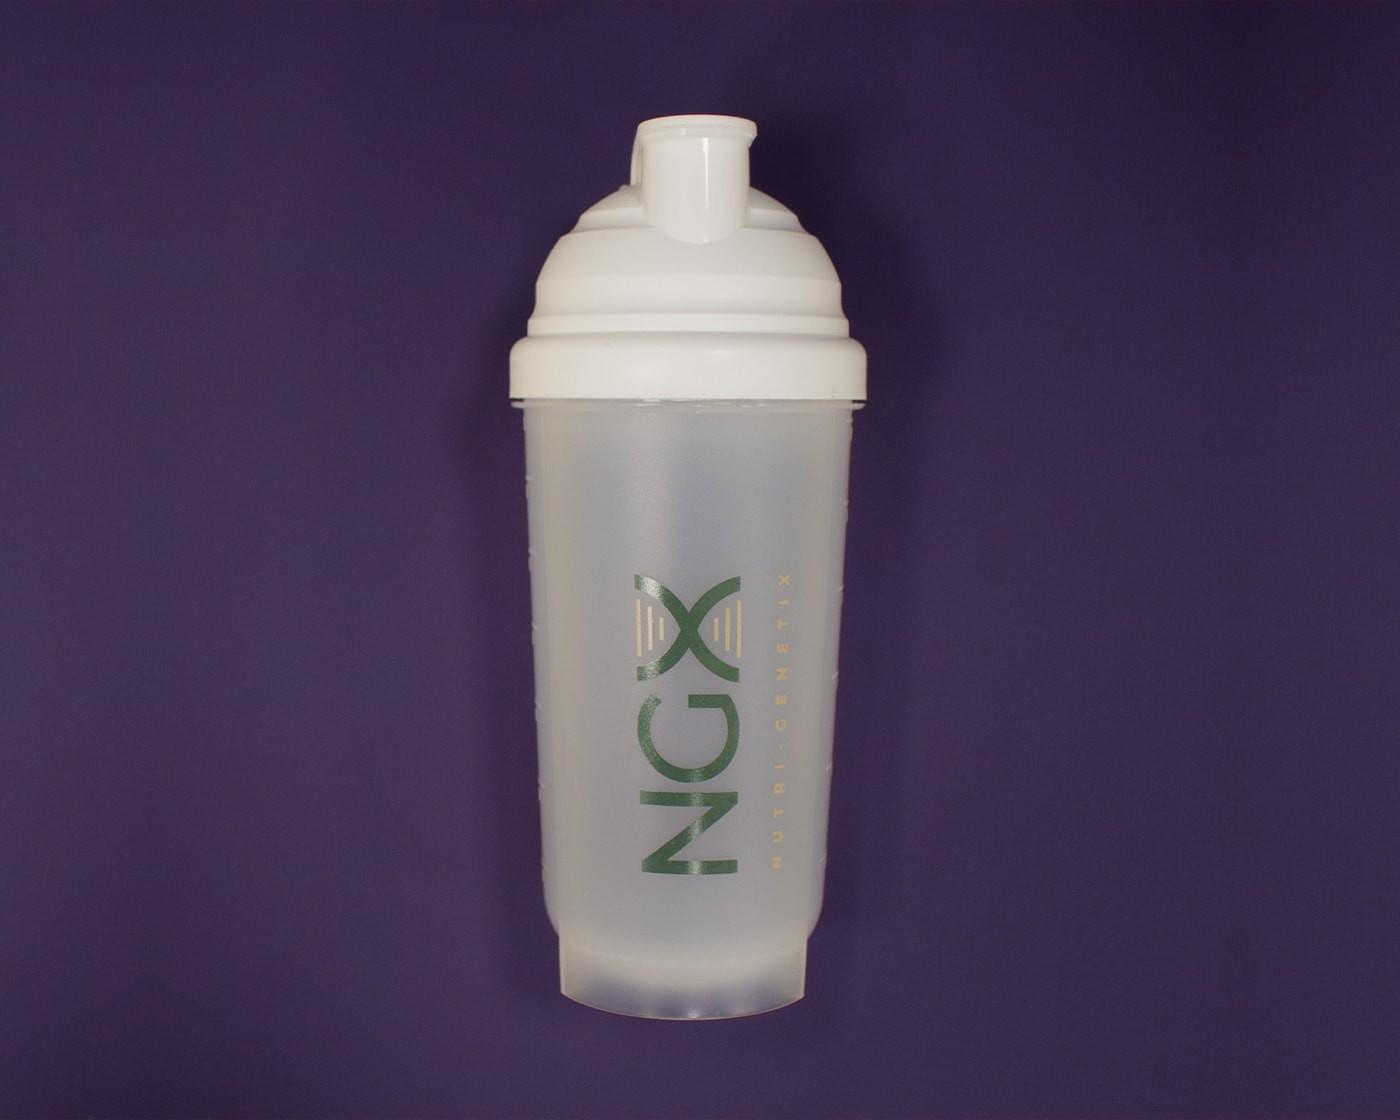 Protein-Shaker-Bottle---NGX-2